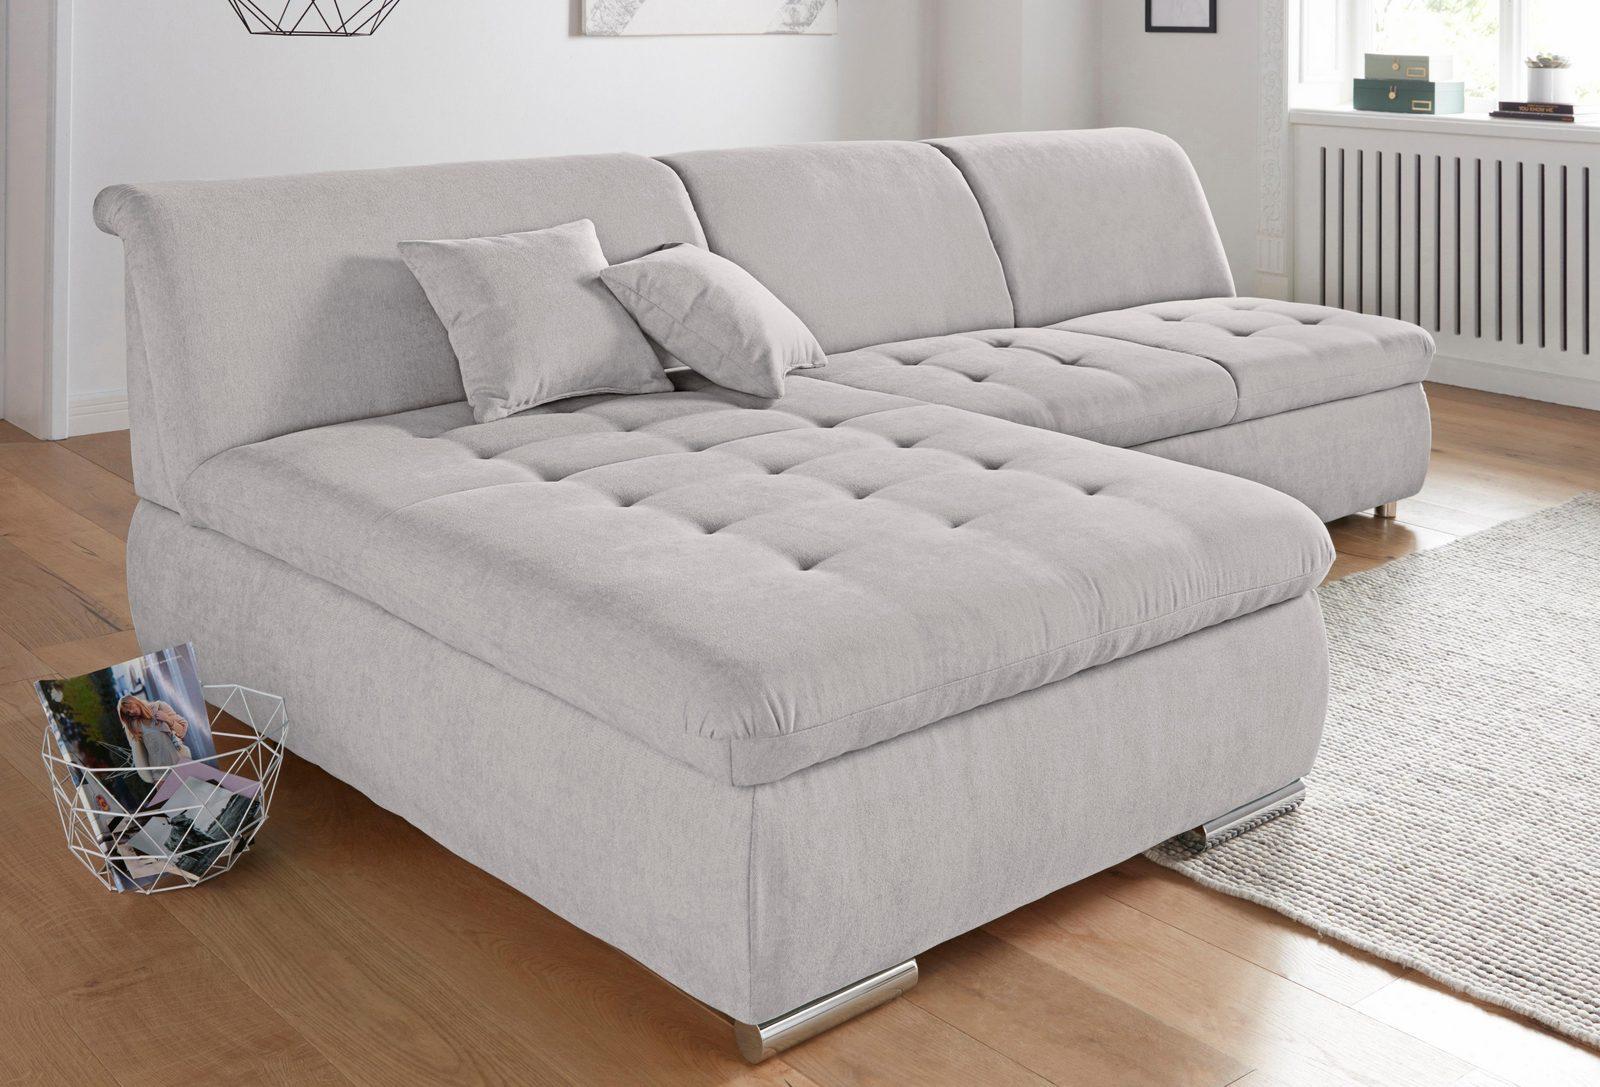 Polsterecke, wahlweise mit Bettfunktion und Bettkasten jetztbilligerkaufen